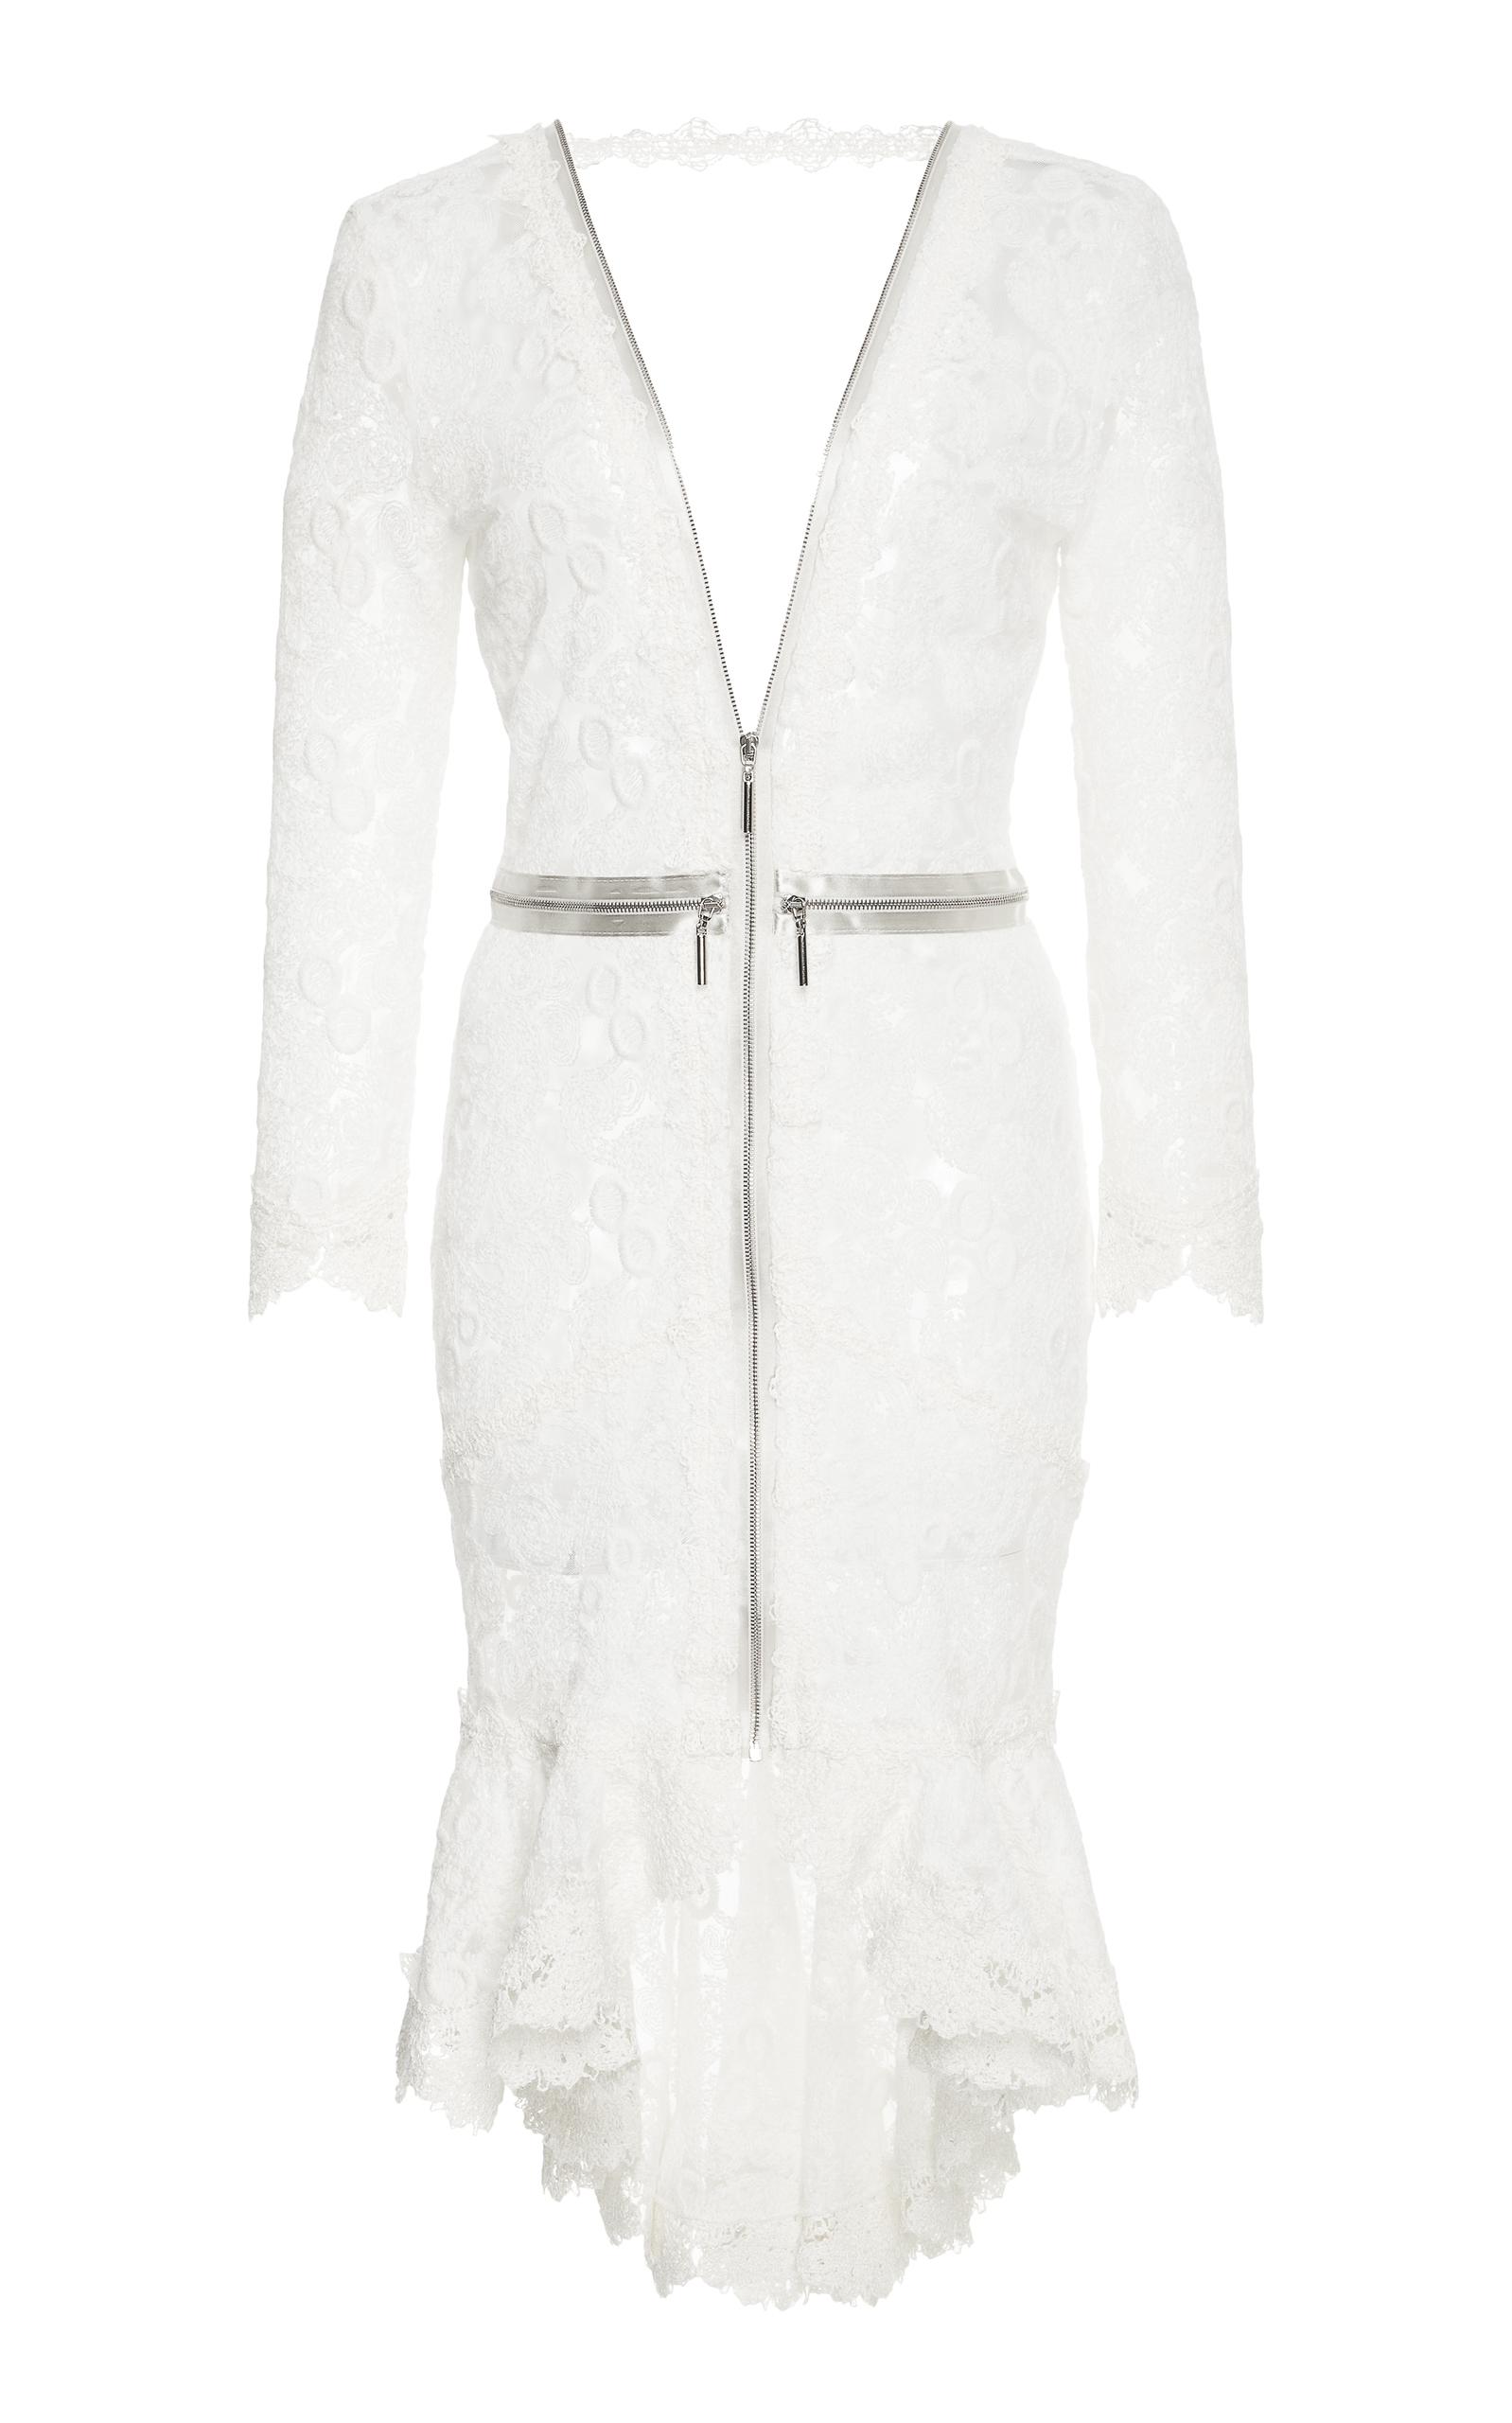 Parissa Lace Zip-Front High-Low Dress, White